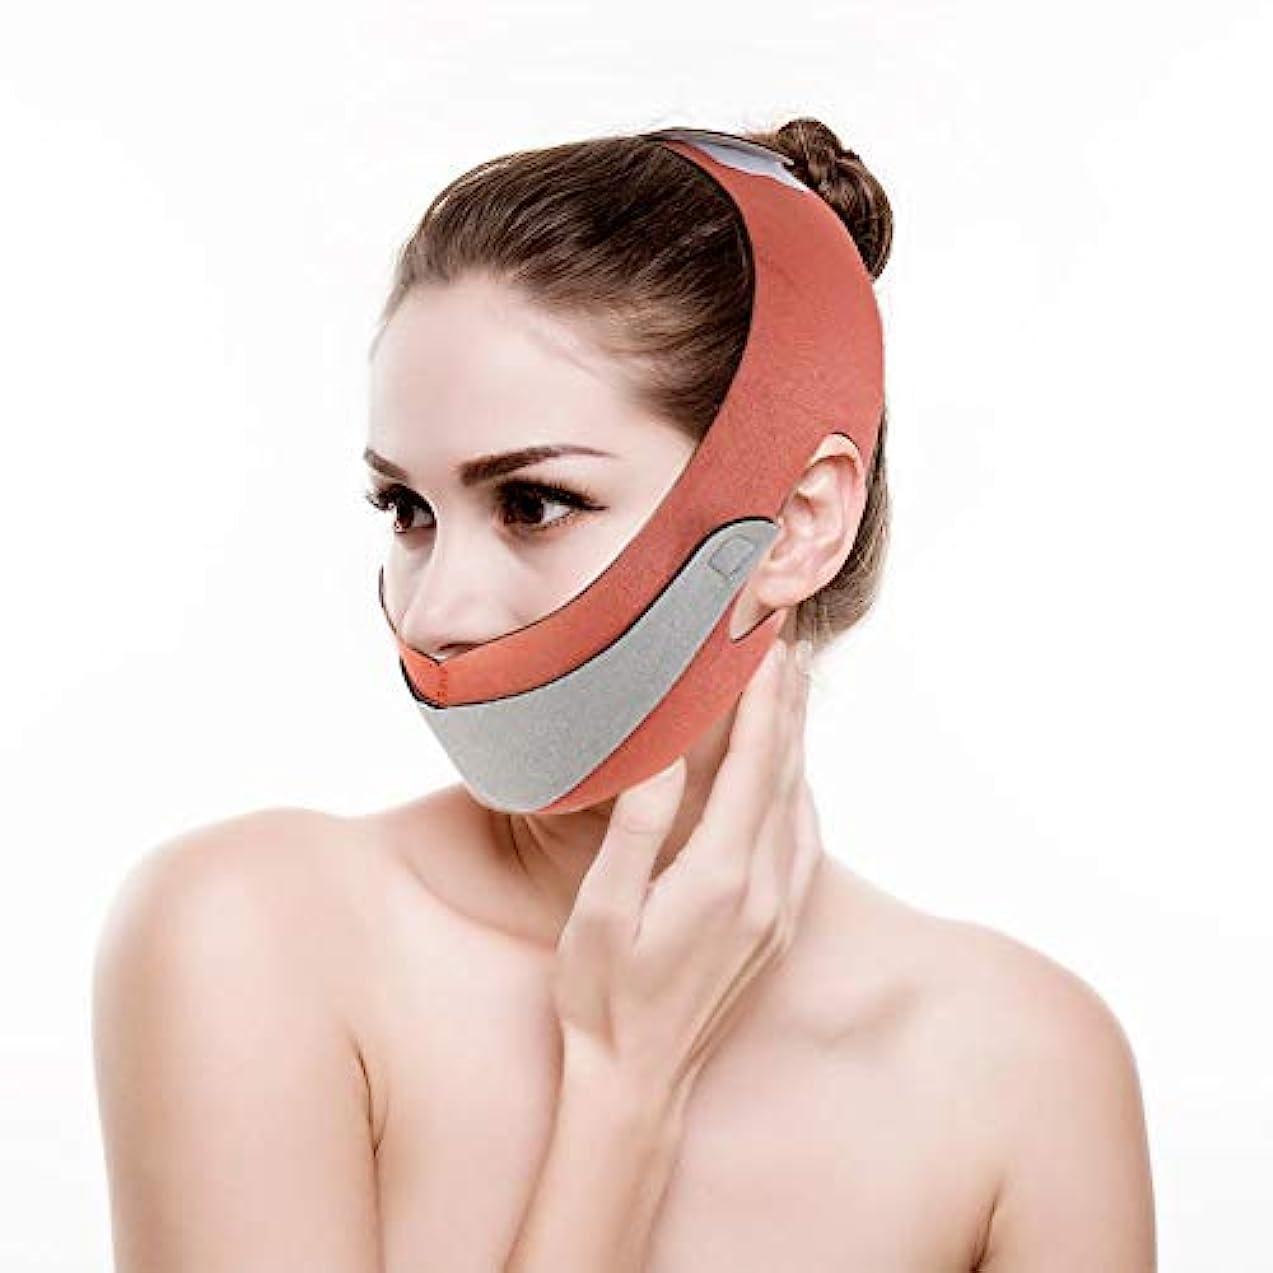 後方乱気流むしろフェイシャルスリミングマスク プロテクターカバレッジリフティング フェイス減量 ベルト減量 ダブルチェーン スキンケア(2)